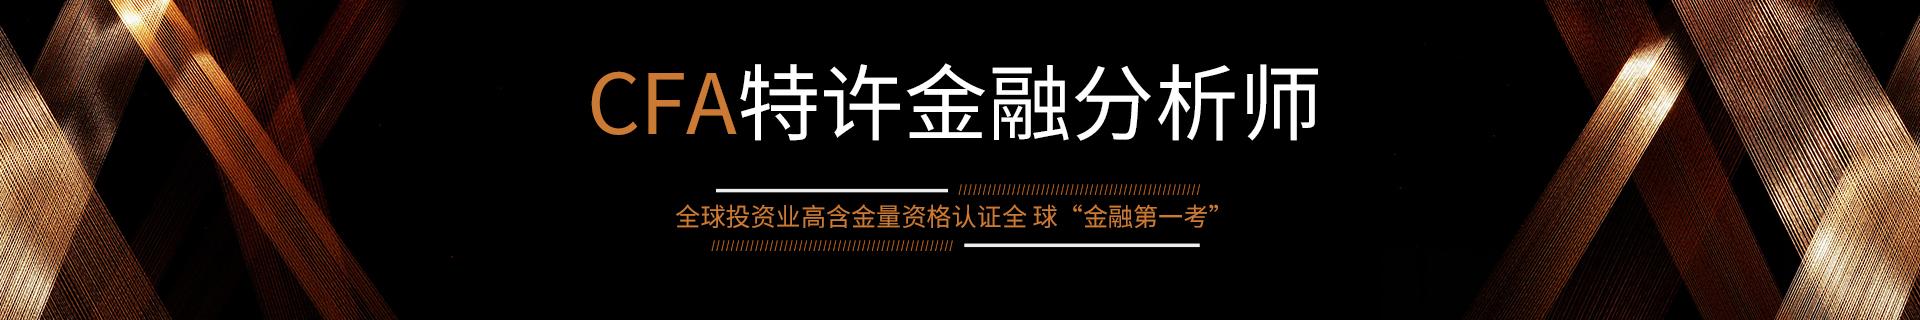 安徽蚌埠高顿财经教育学校